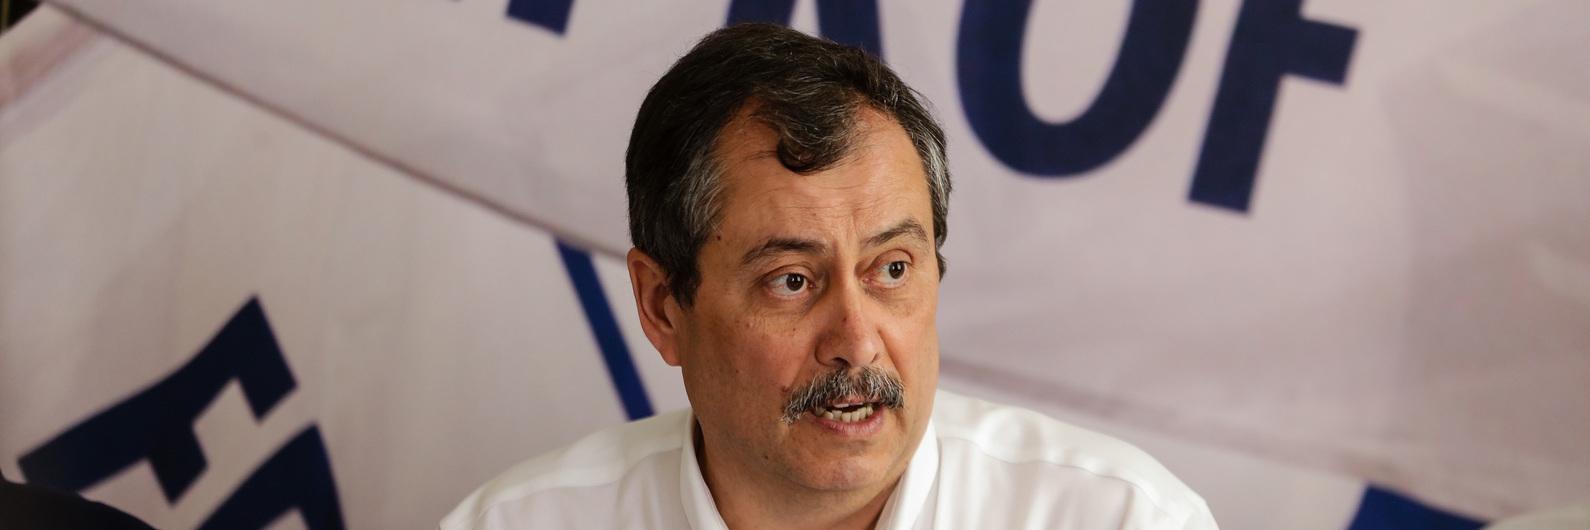 """Fenprof pondera greve devido a """"abusos"""" nos horários dos professores"""